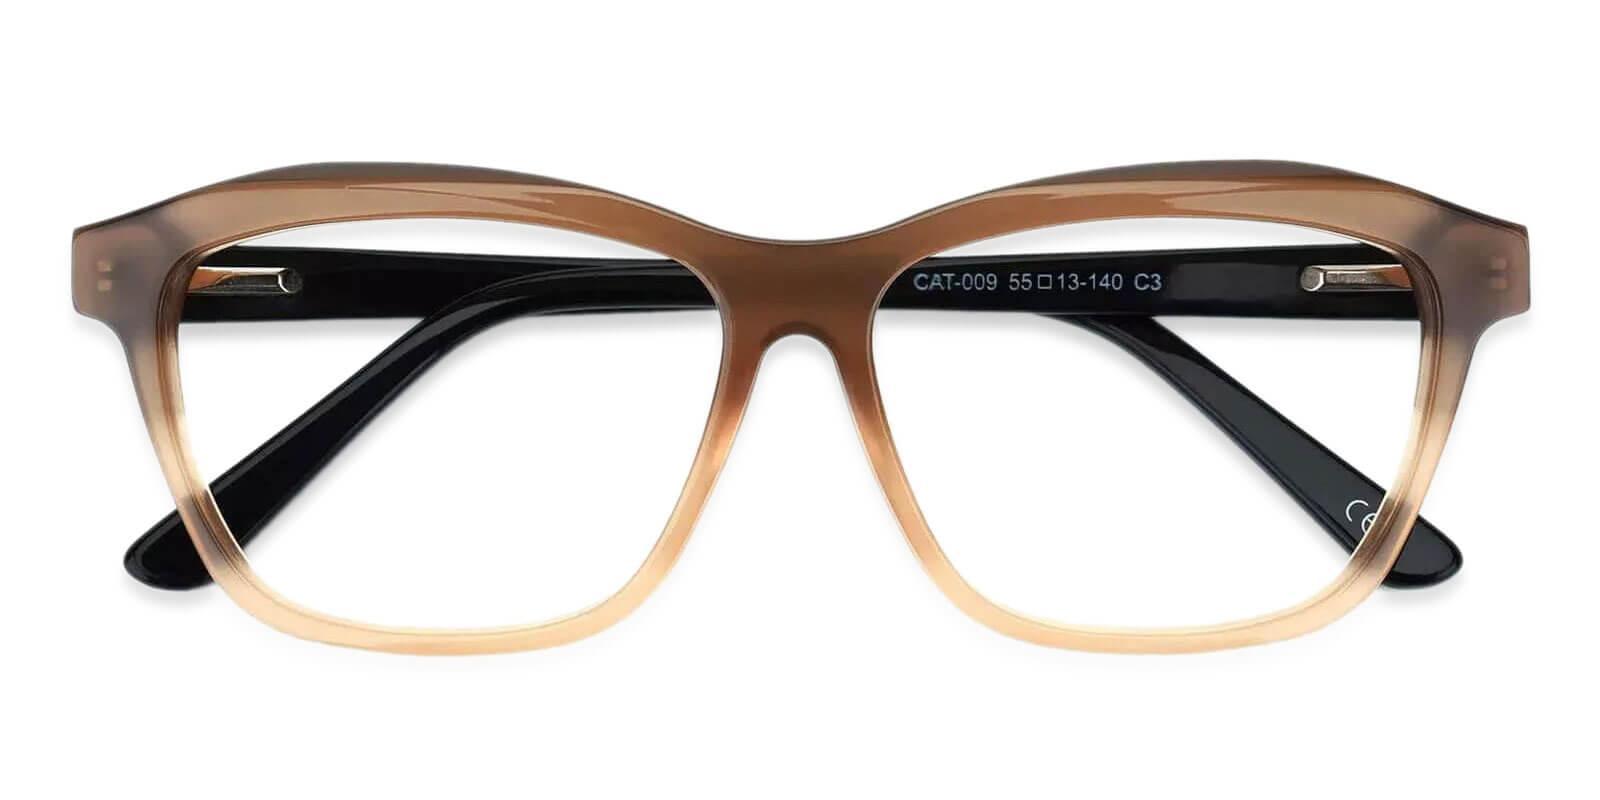 Sonia Cream Acetate Eyeglasses , SpringHinges , UniversalBridgeFit Frames from ABBE Glasses